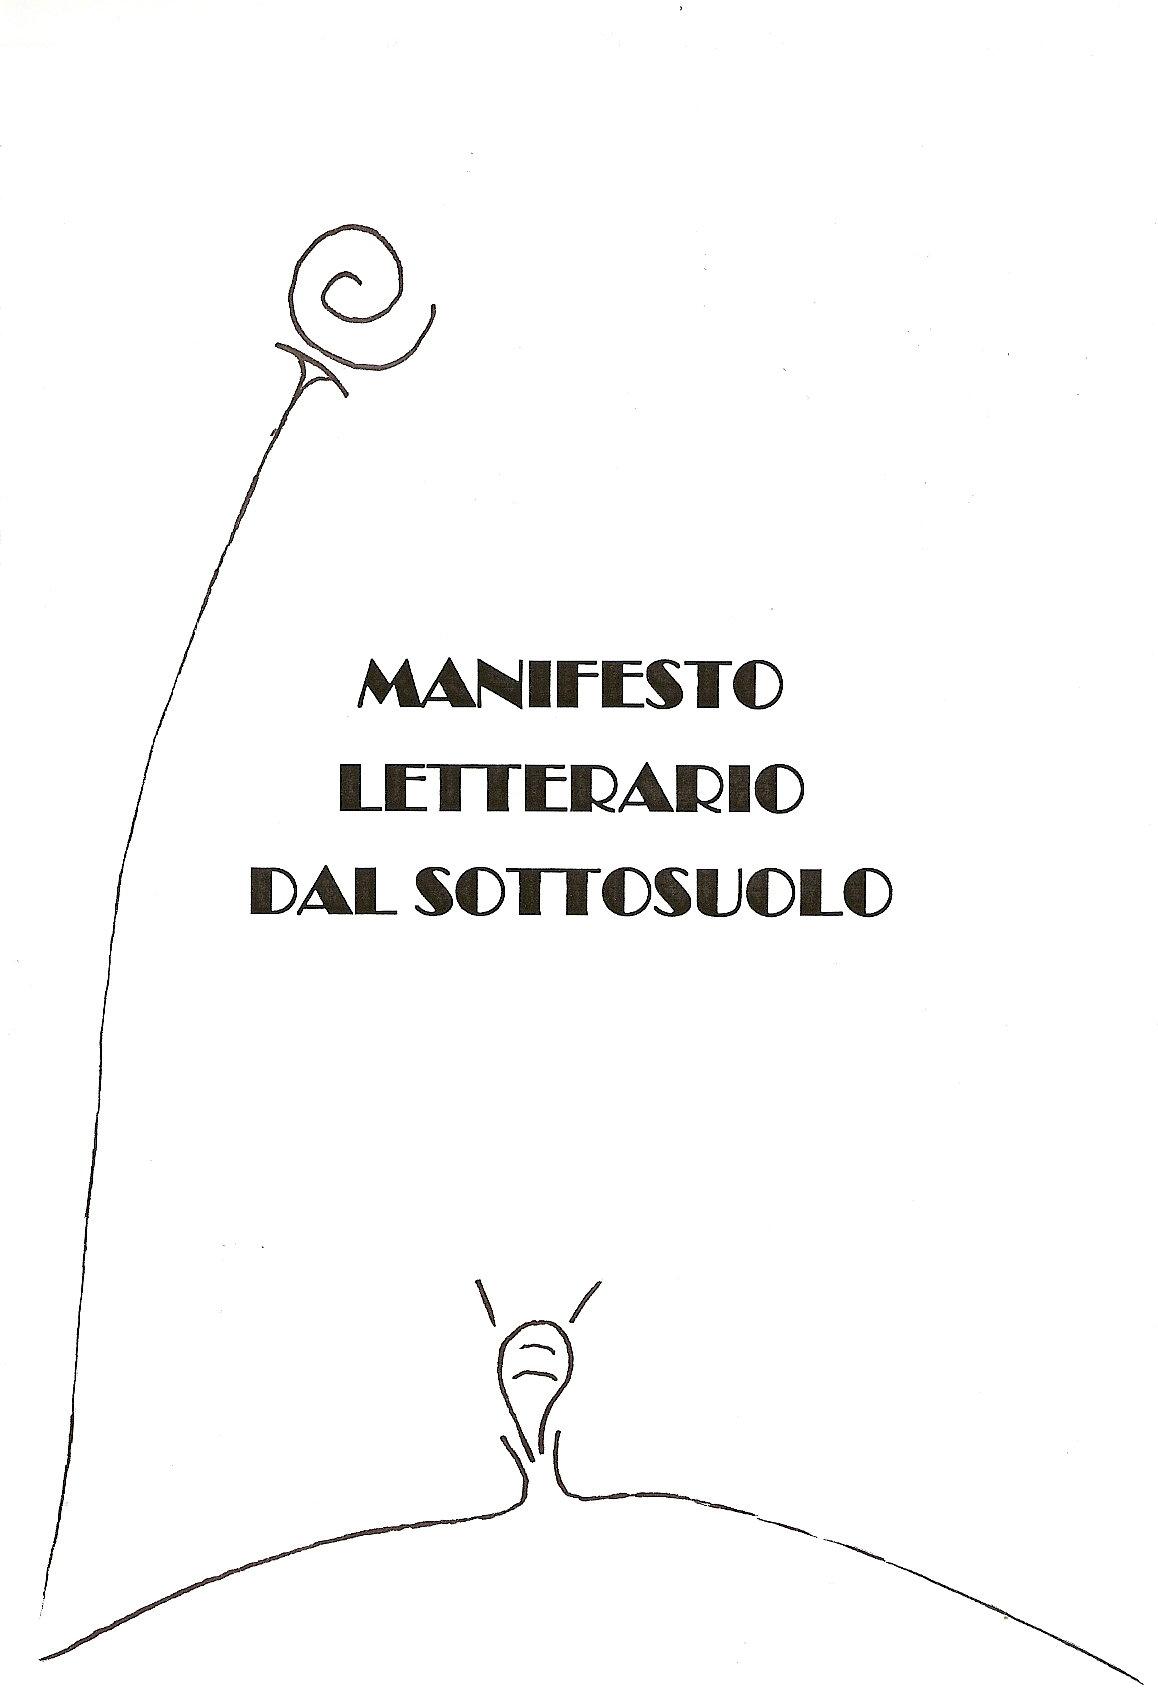 002 - Manifesto